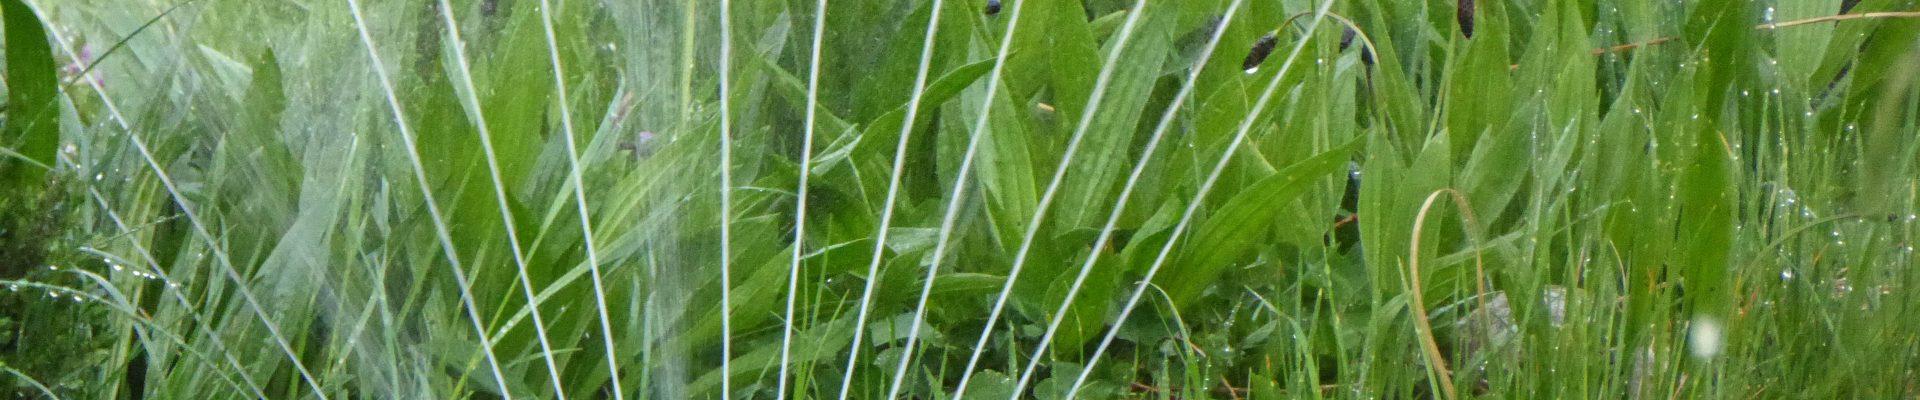 Sistemi d'irrigazione in giardino e in casa: come annaffiare